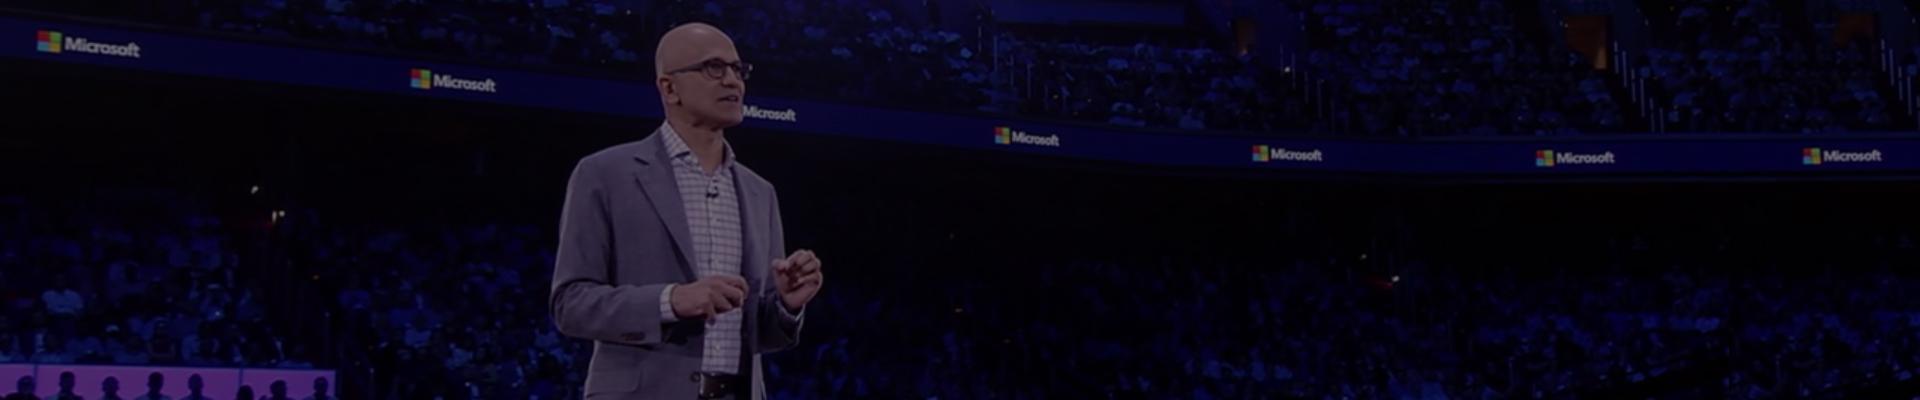 Pozrite si, ako Satya ohlasuje službu Microsoft 365